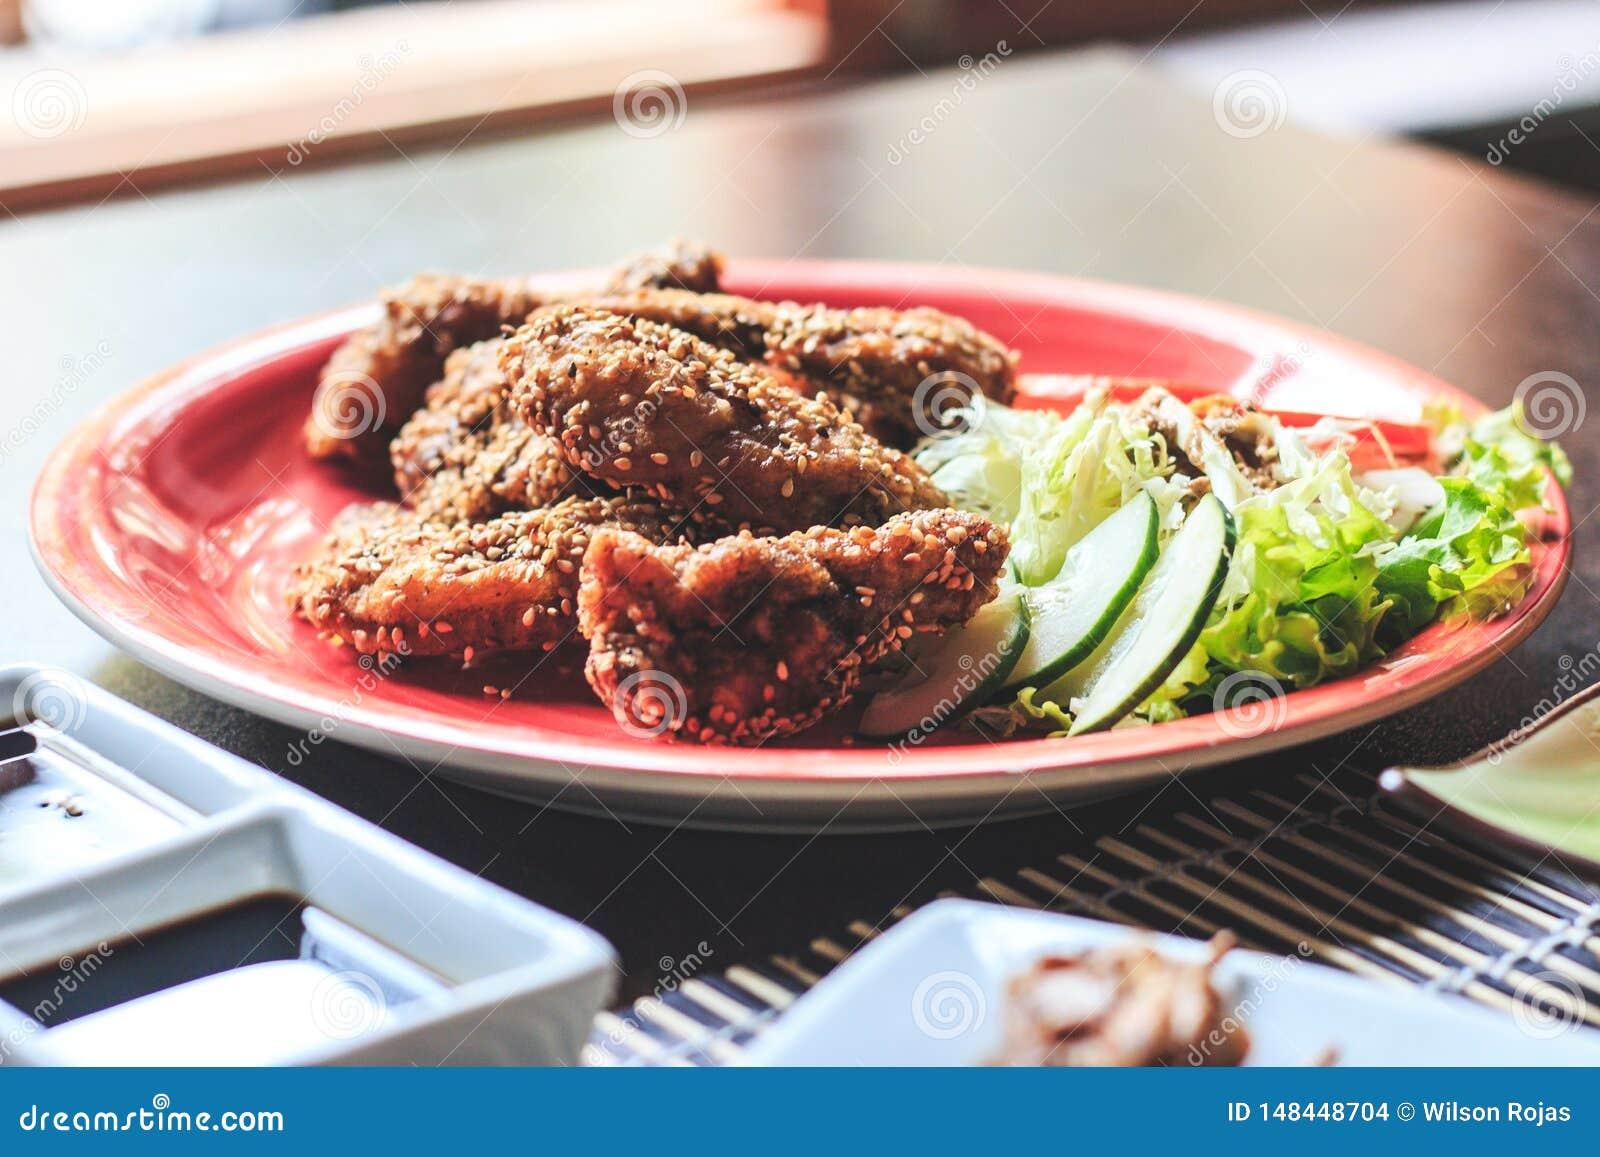 Japanese menu chicken - Imagen